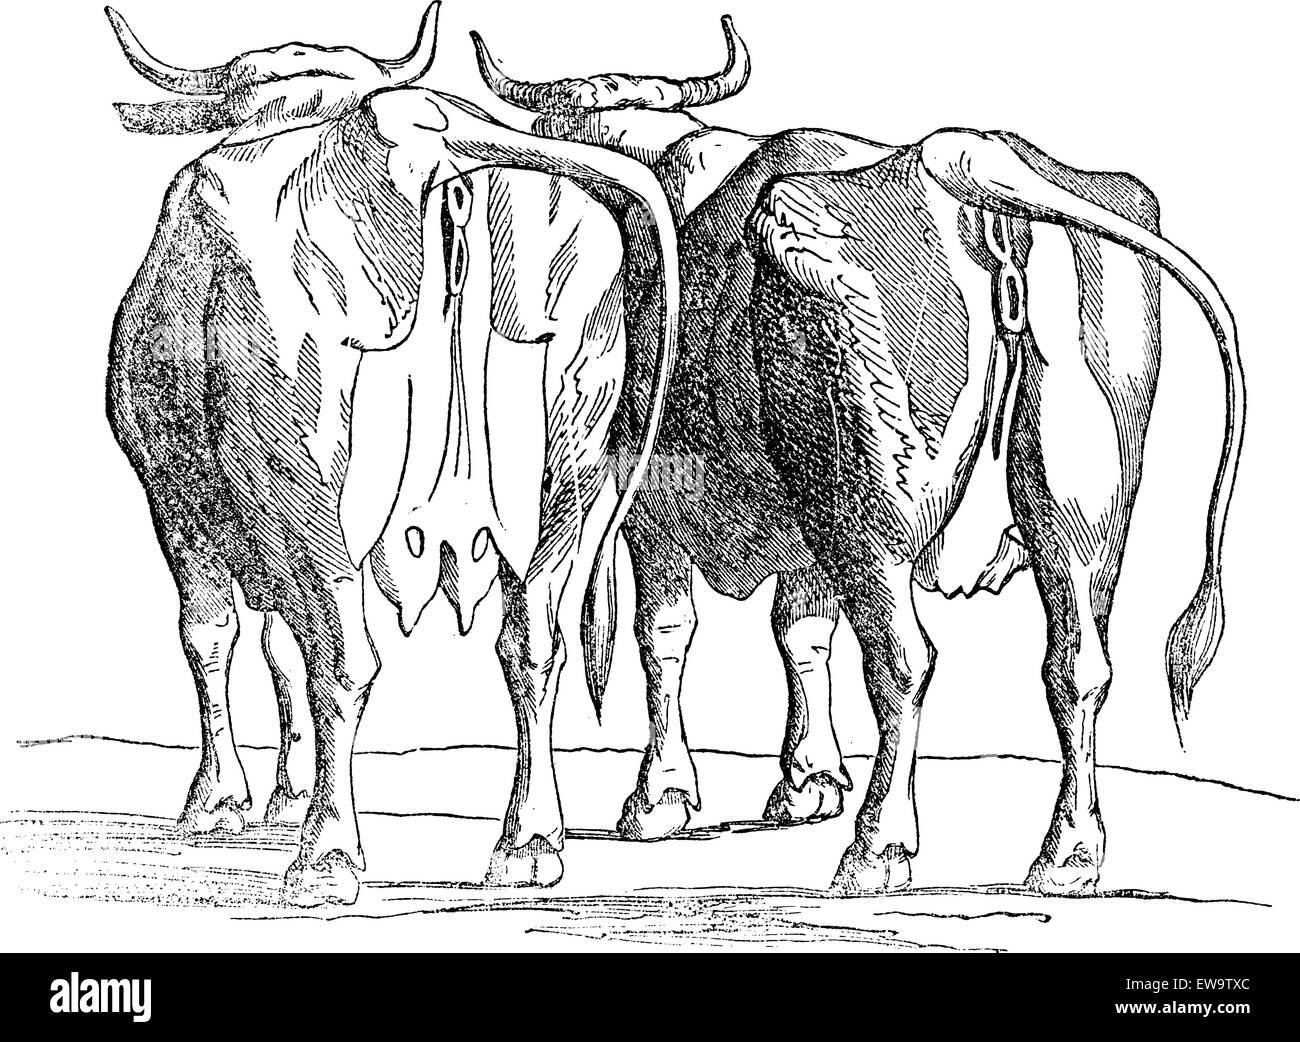 Schön Kuh Brustdrüse Anatomie Ideen - Anatomie Ideen - finotti.info